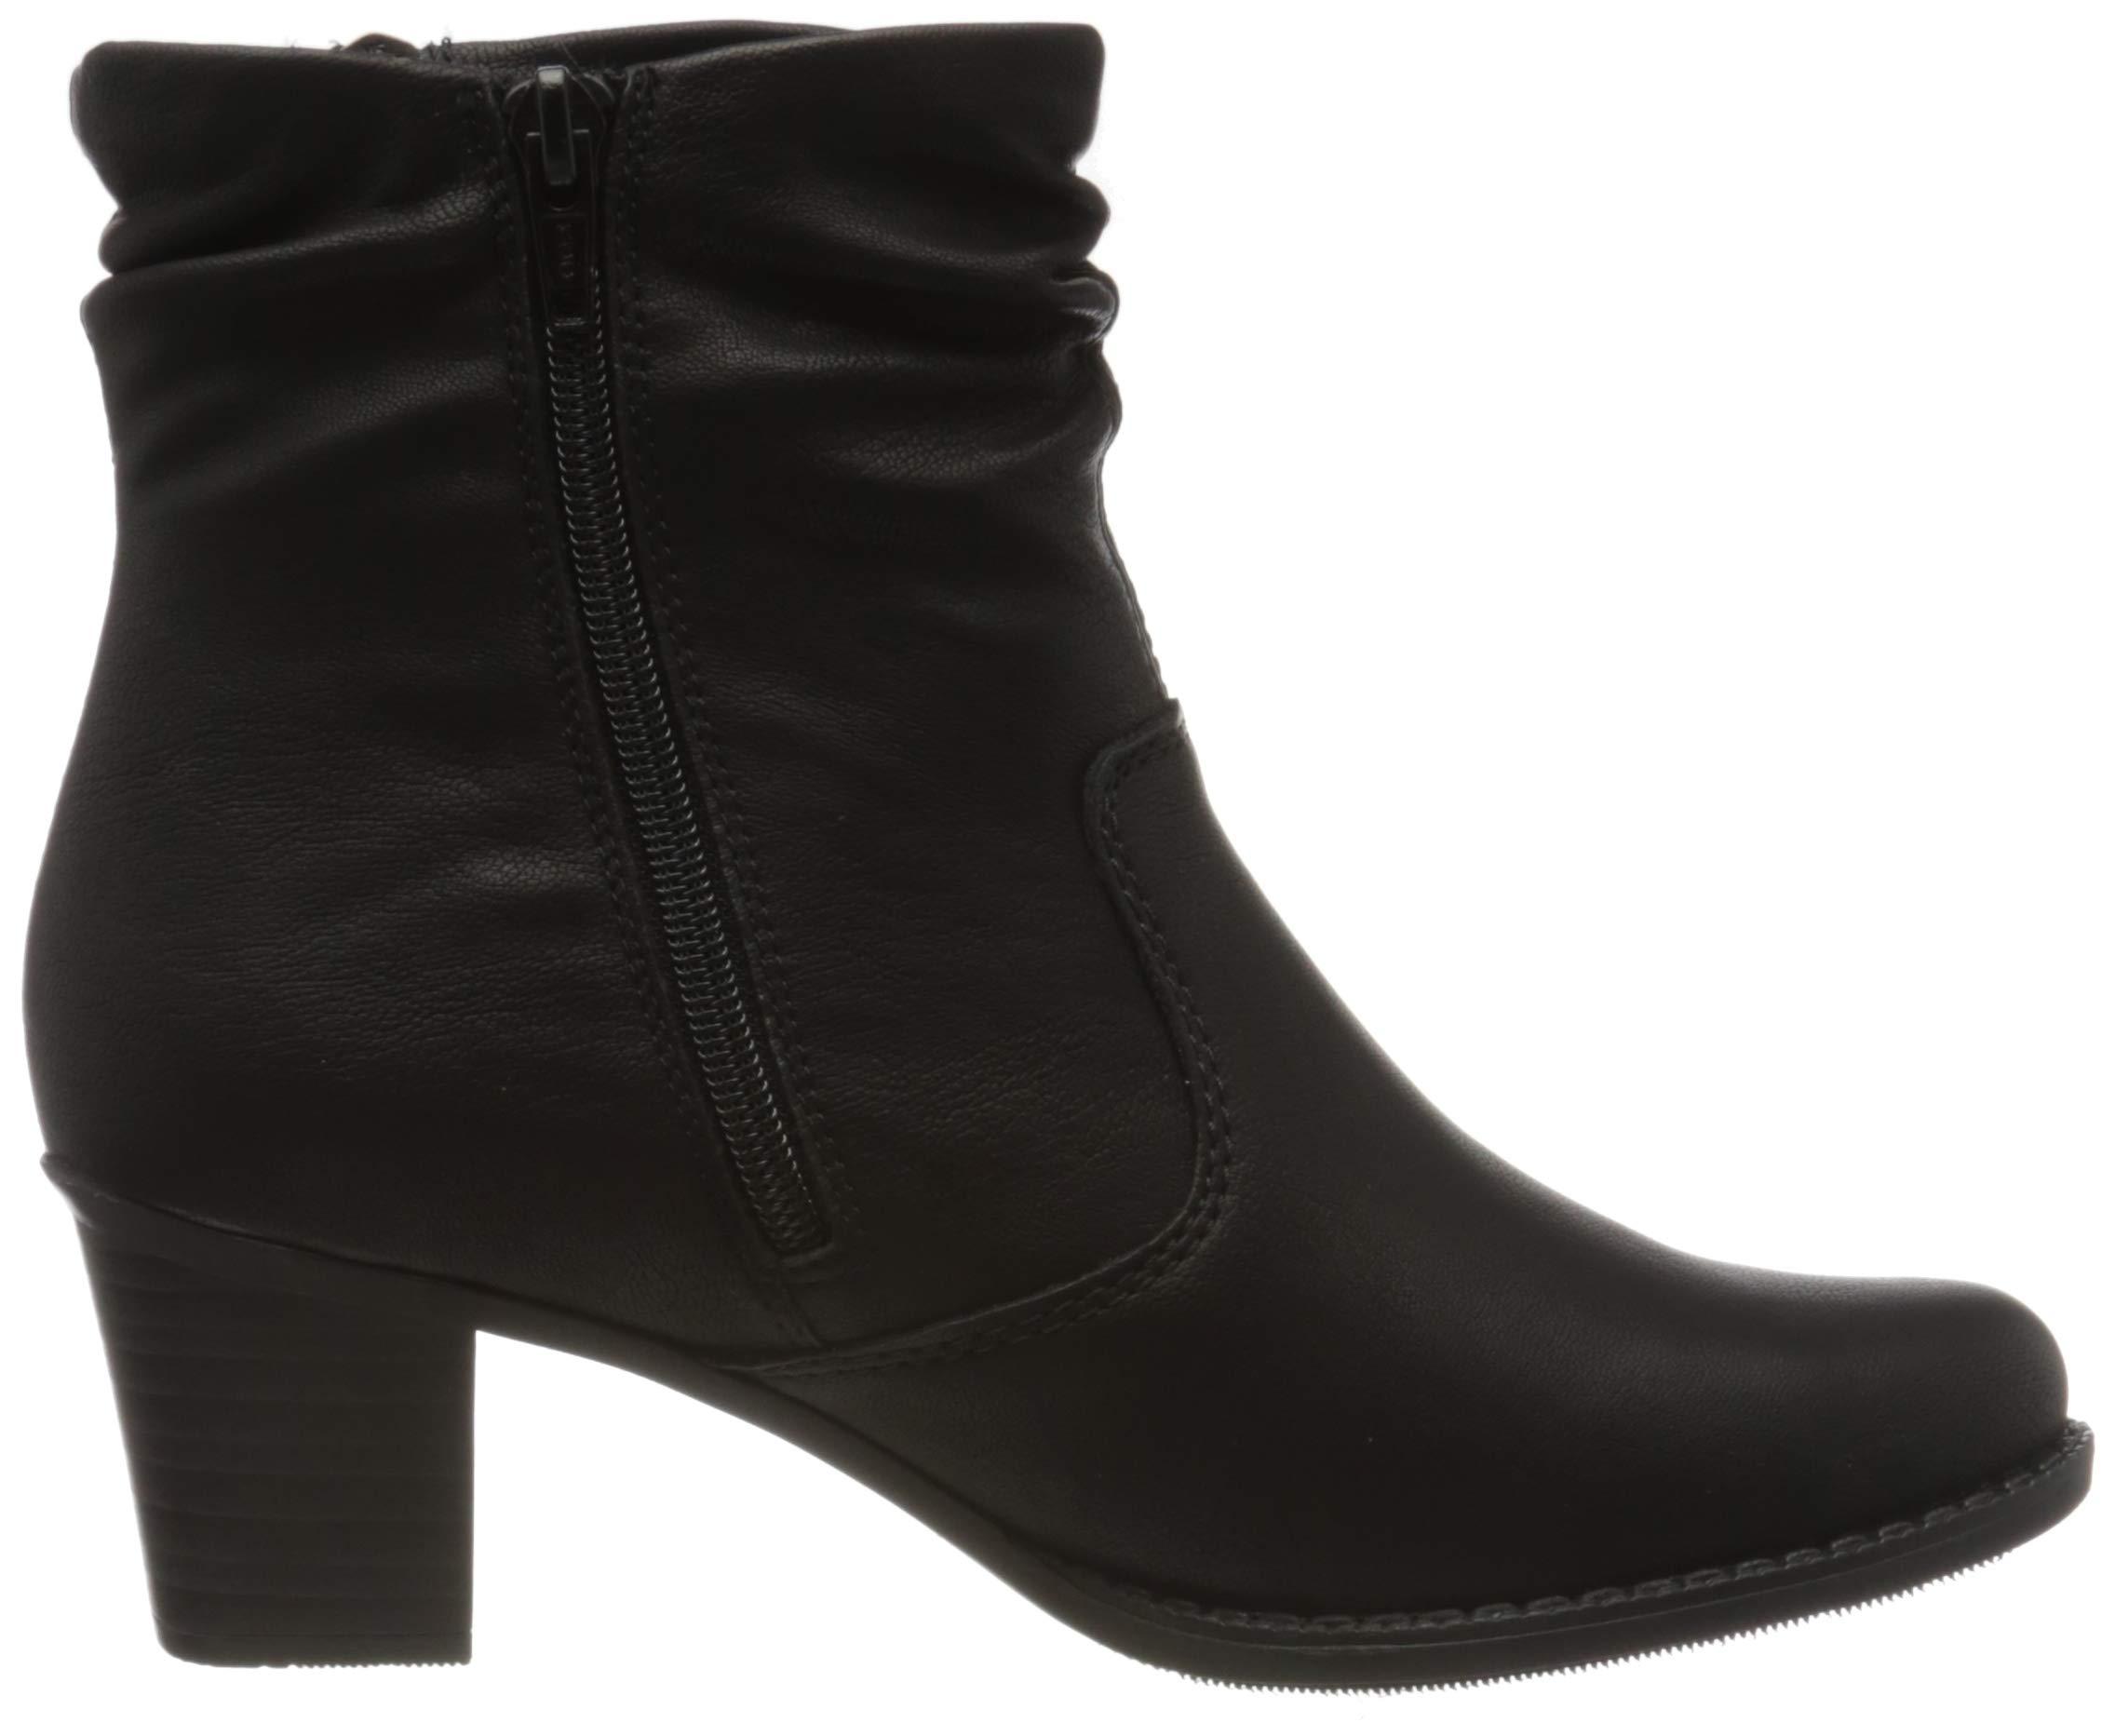 Rieker Women's Herbst/Winter Ankle Boots 26